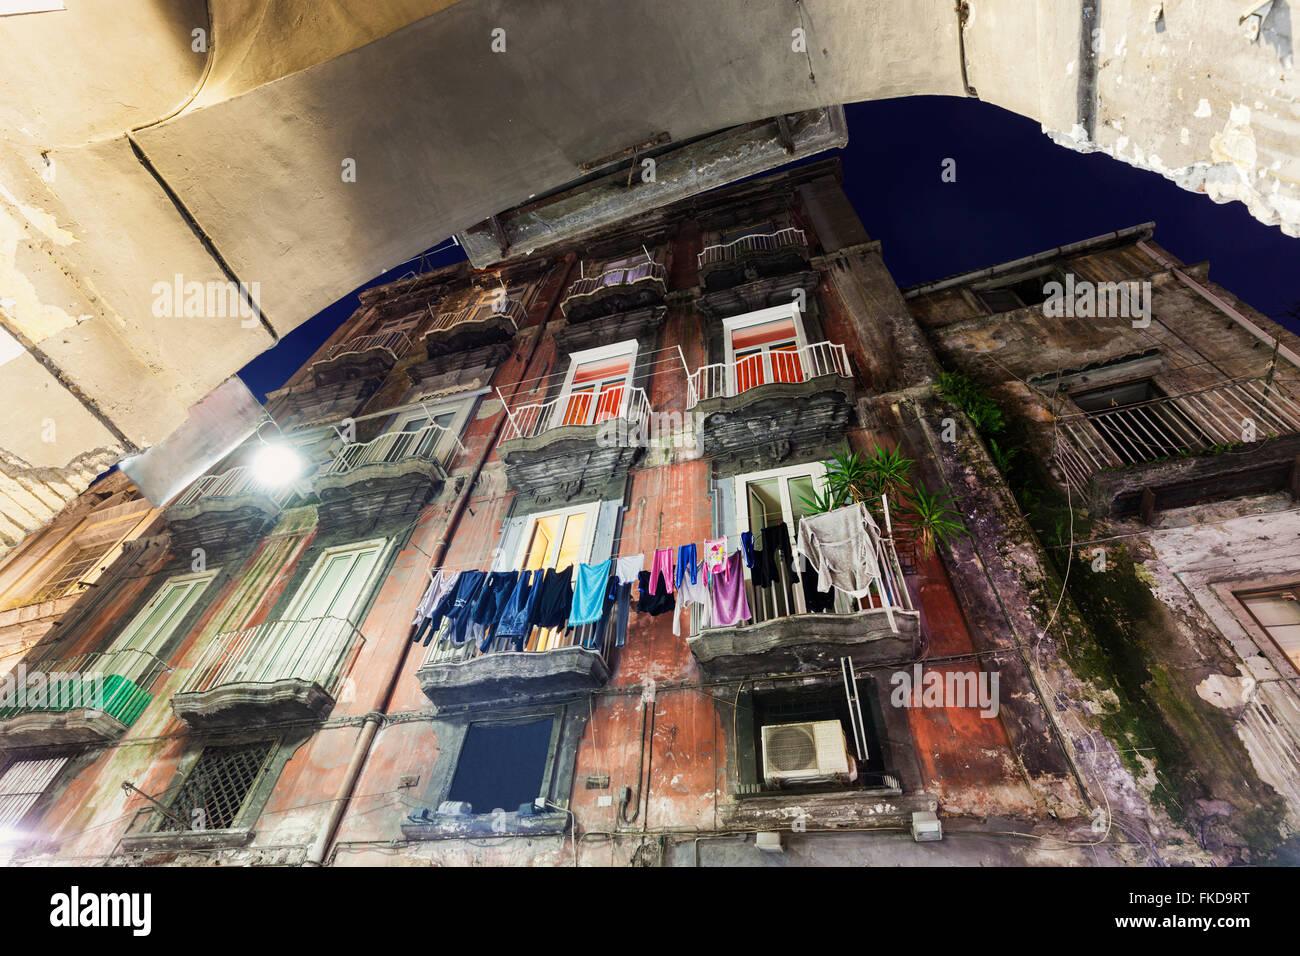 Ángulo de visión baja de un edificio residencial con servicio de lavandería en los balcones Foto de stock